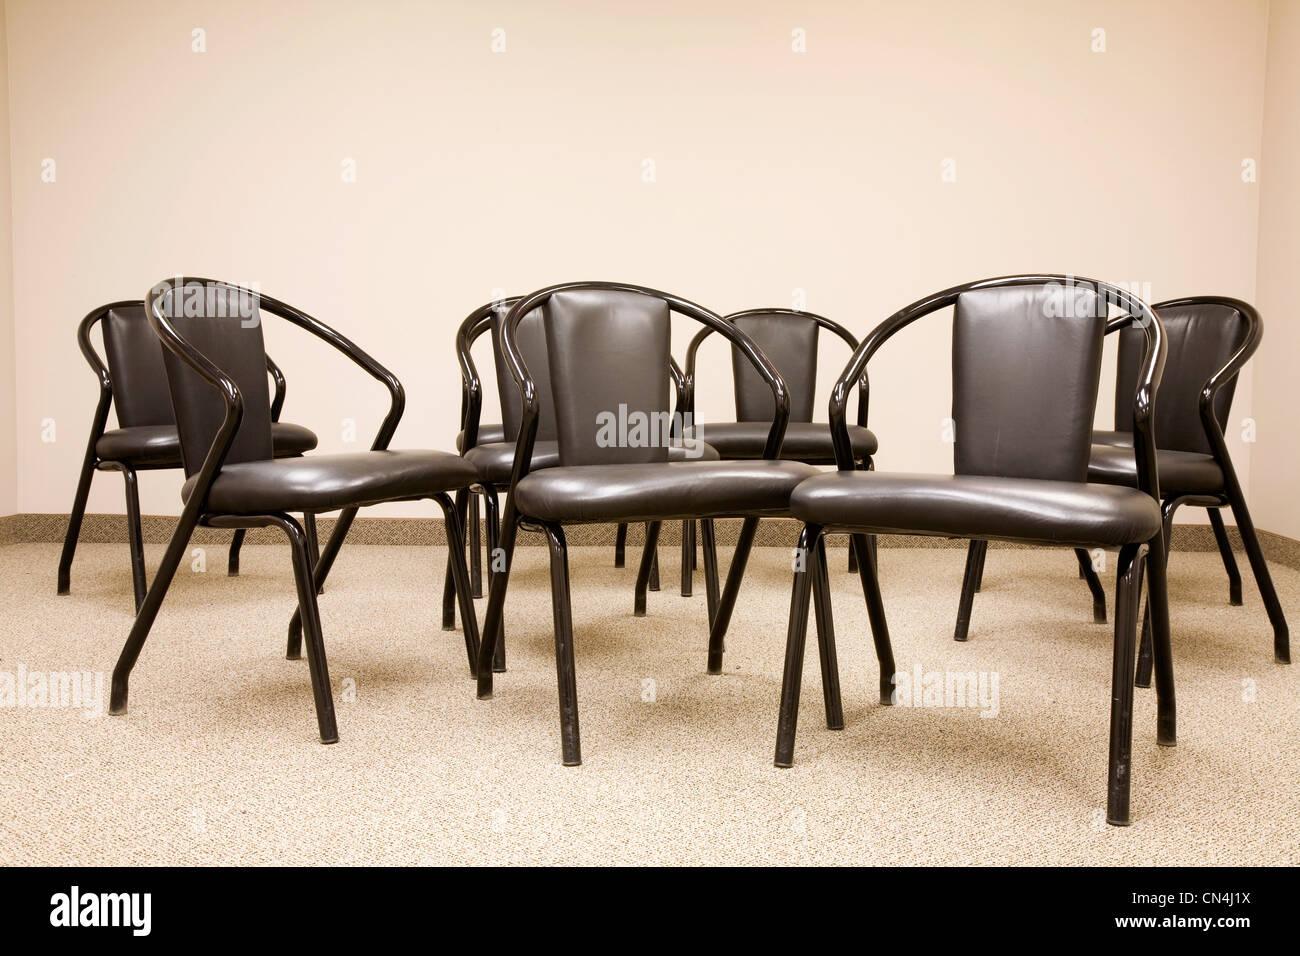 Sillas vacías en una sala de reuniones Imagen De Stock